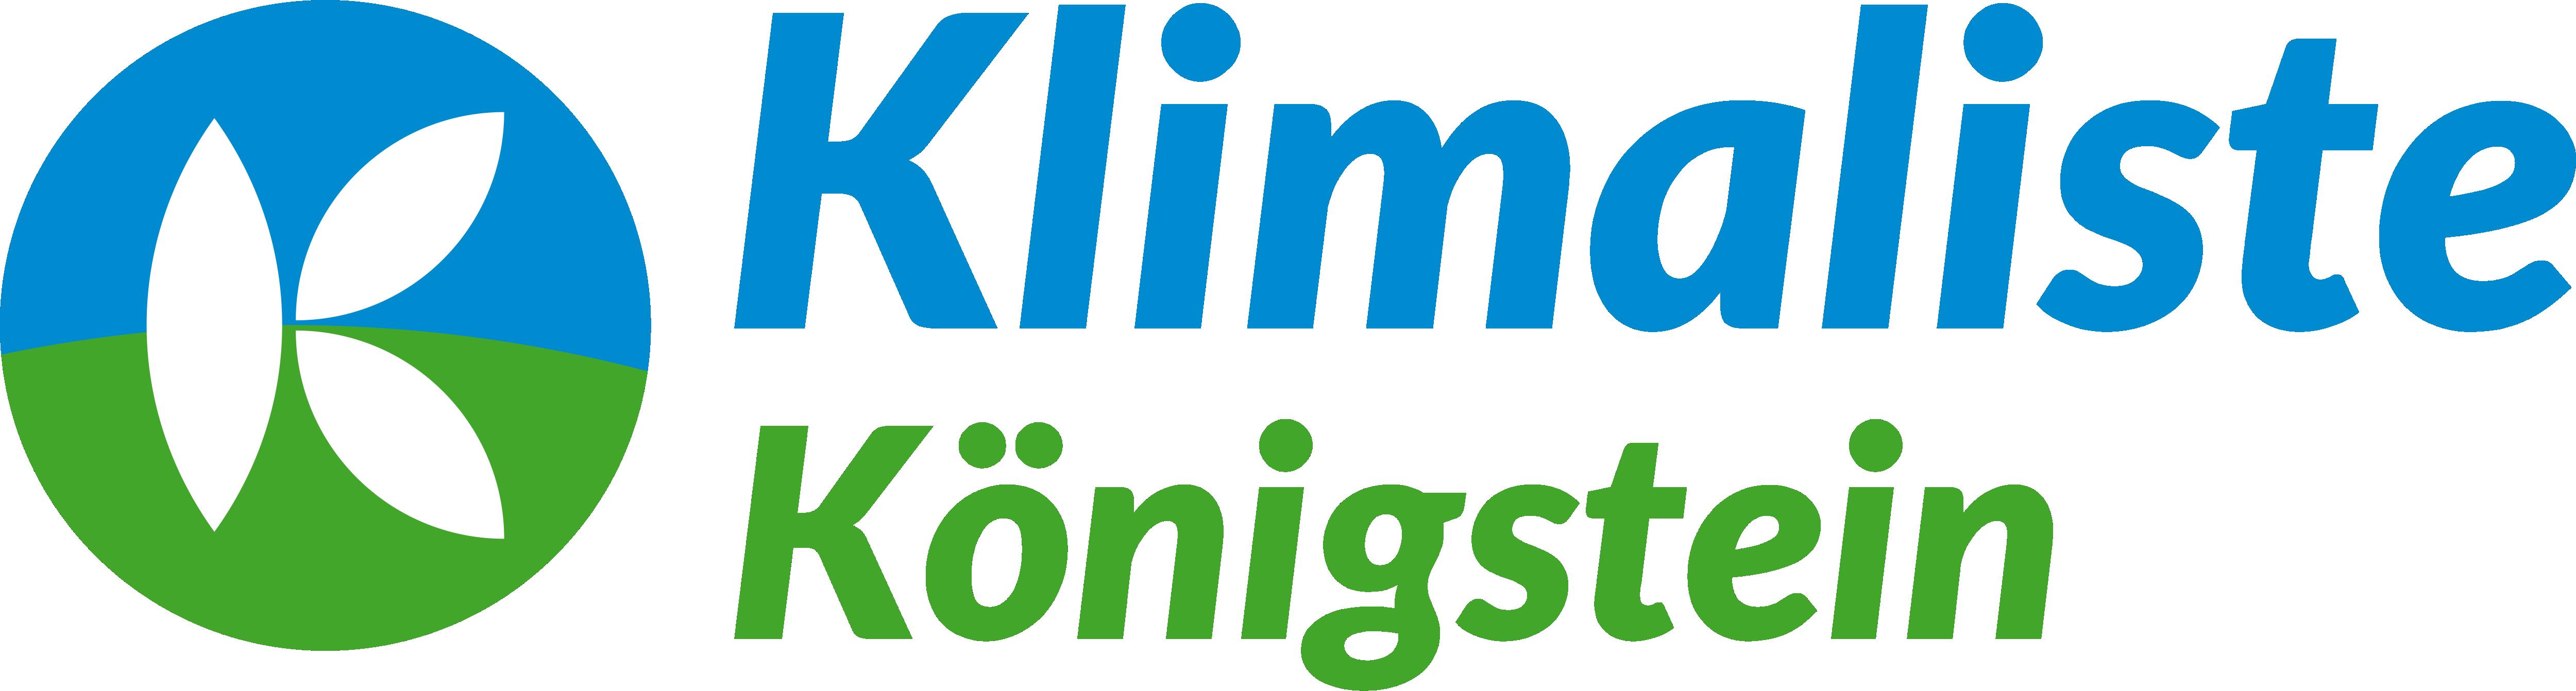 Klimaliste Königstein